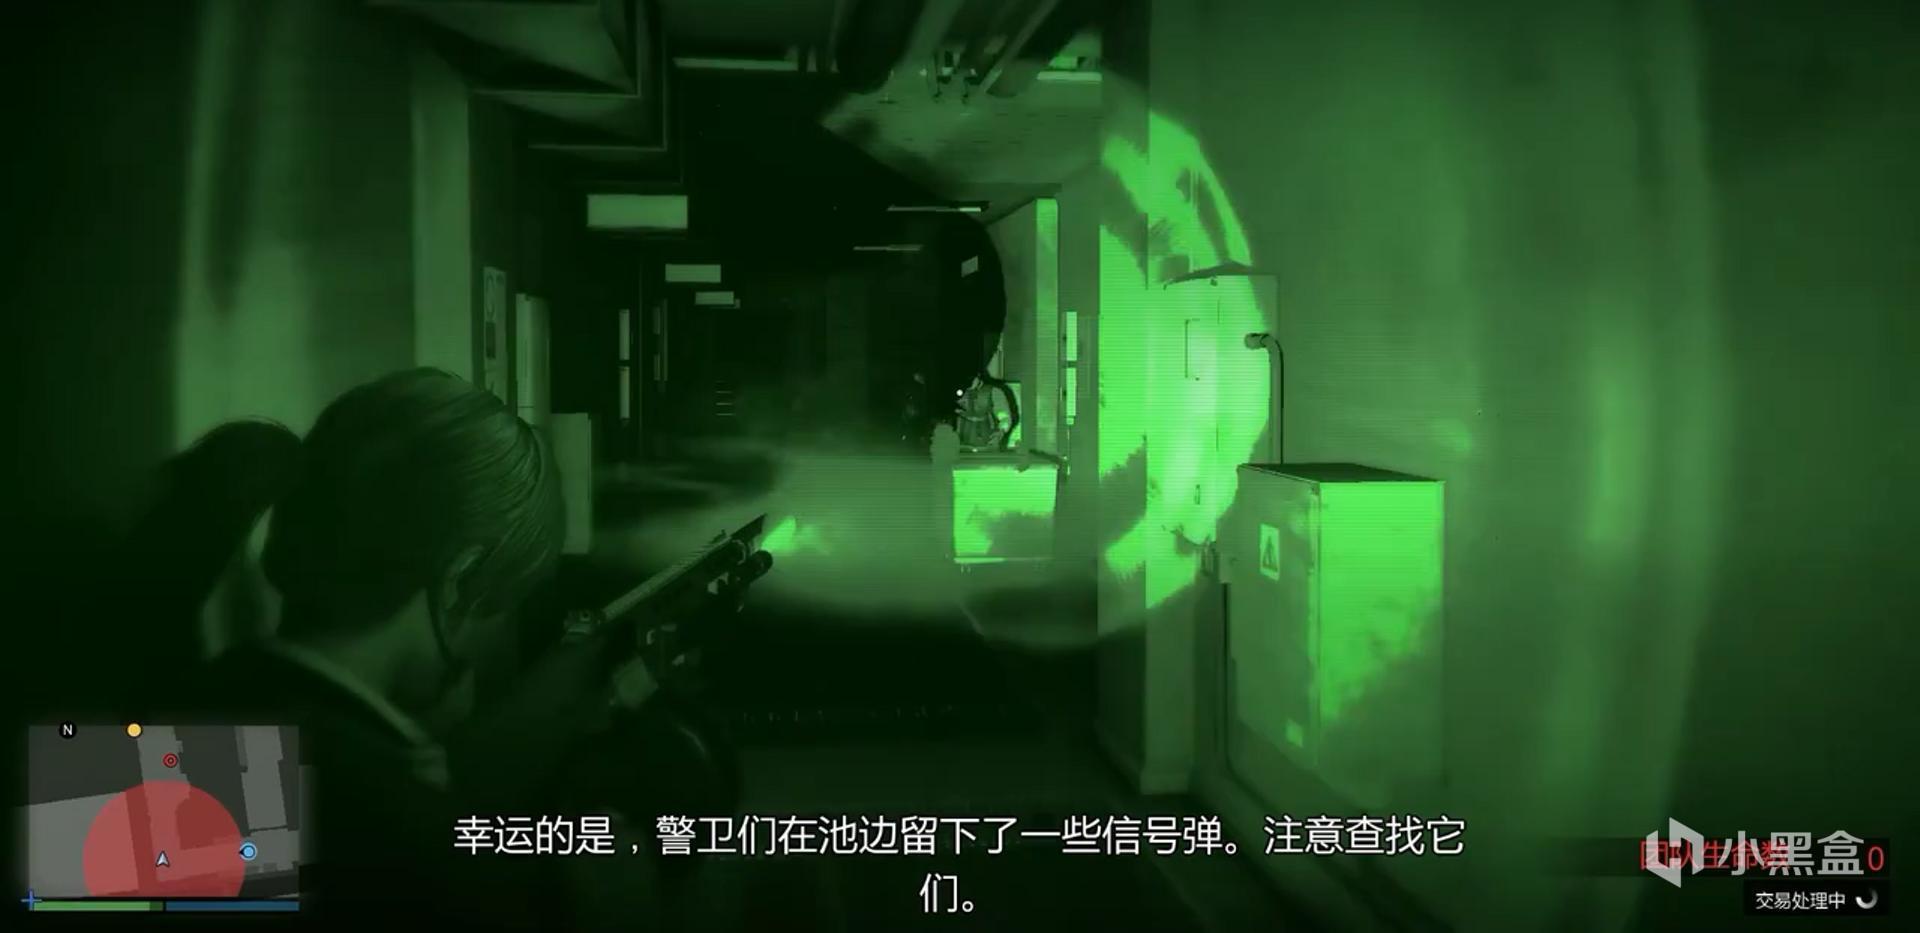 GTA5 突袭人道实验室教程插图53